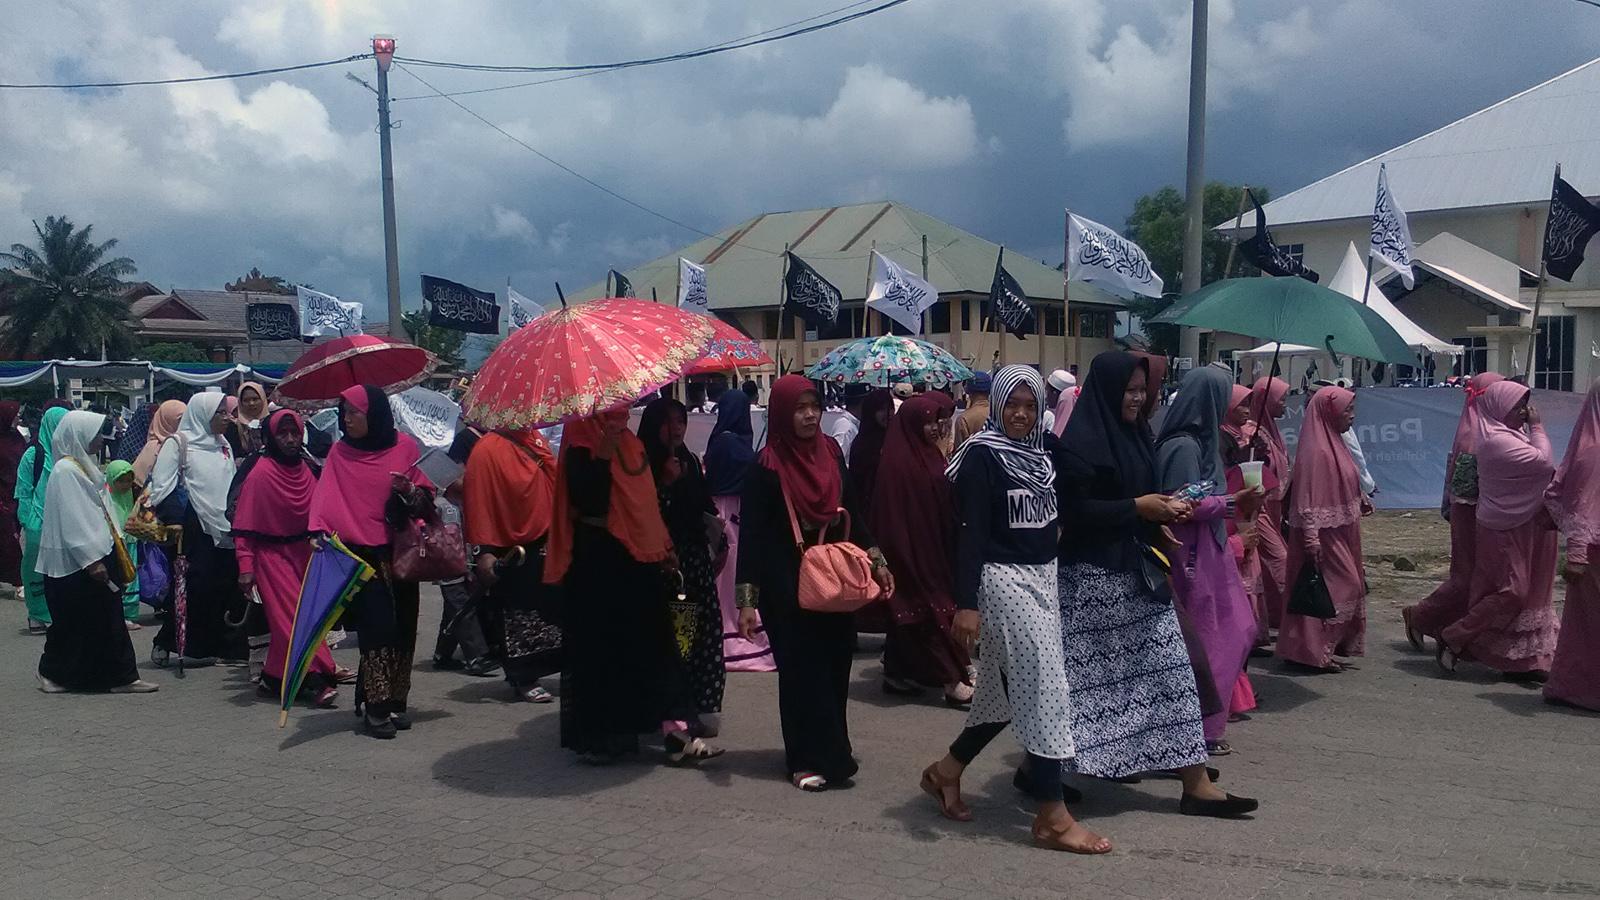 Longmarch dan konvoi massa HTI sebelum dibubarkan kepolisian. (Lampungnews/Adam)